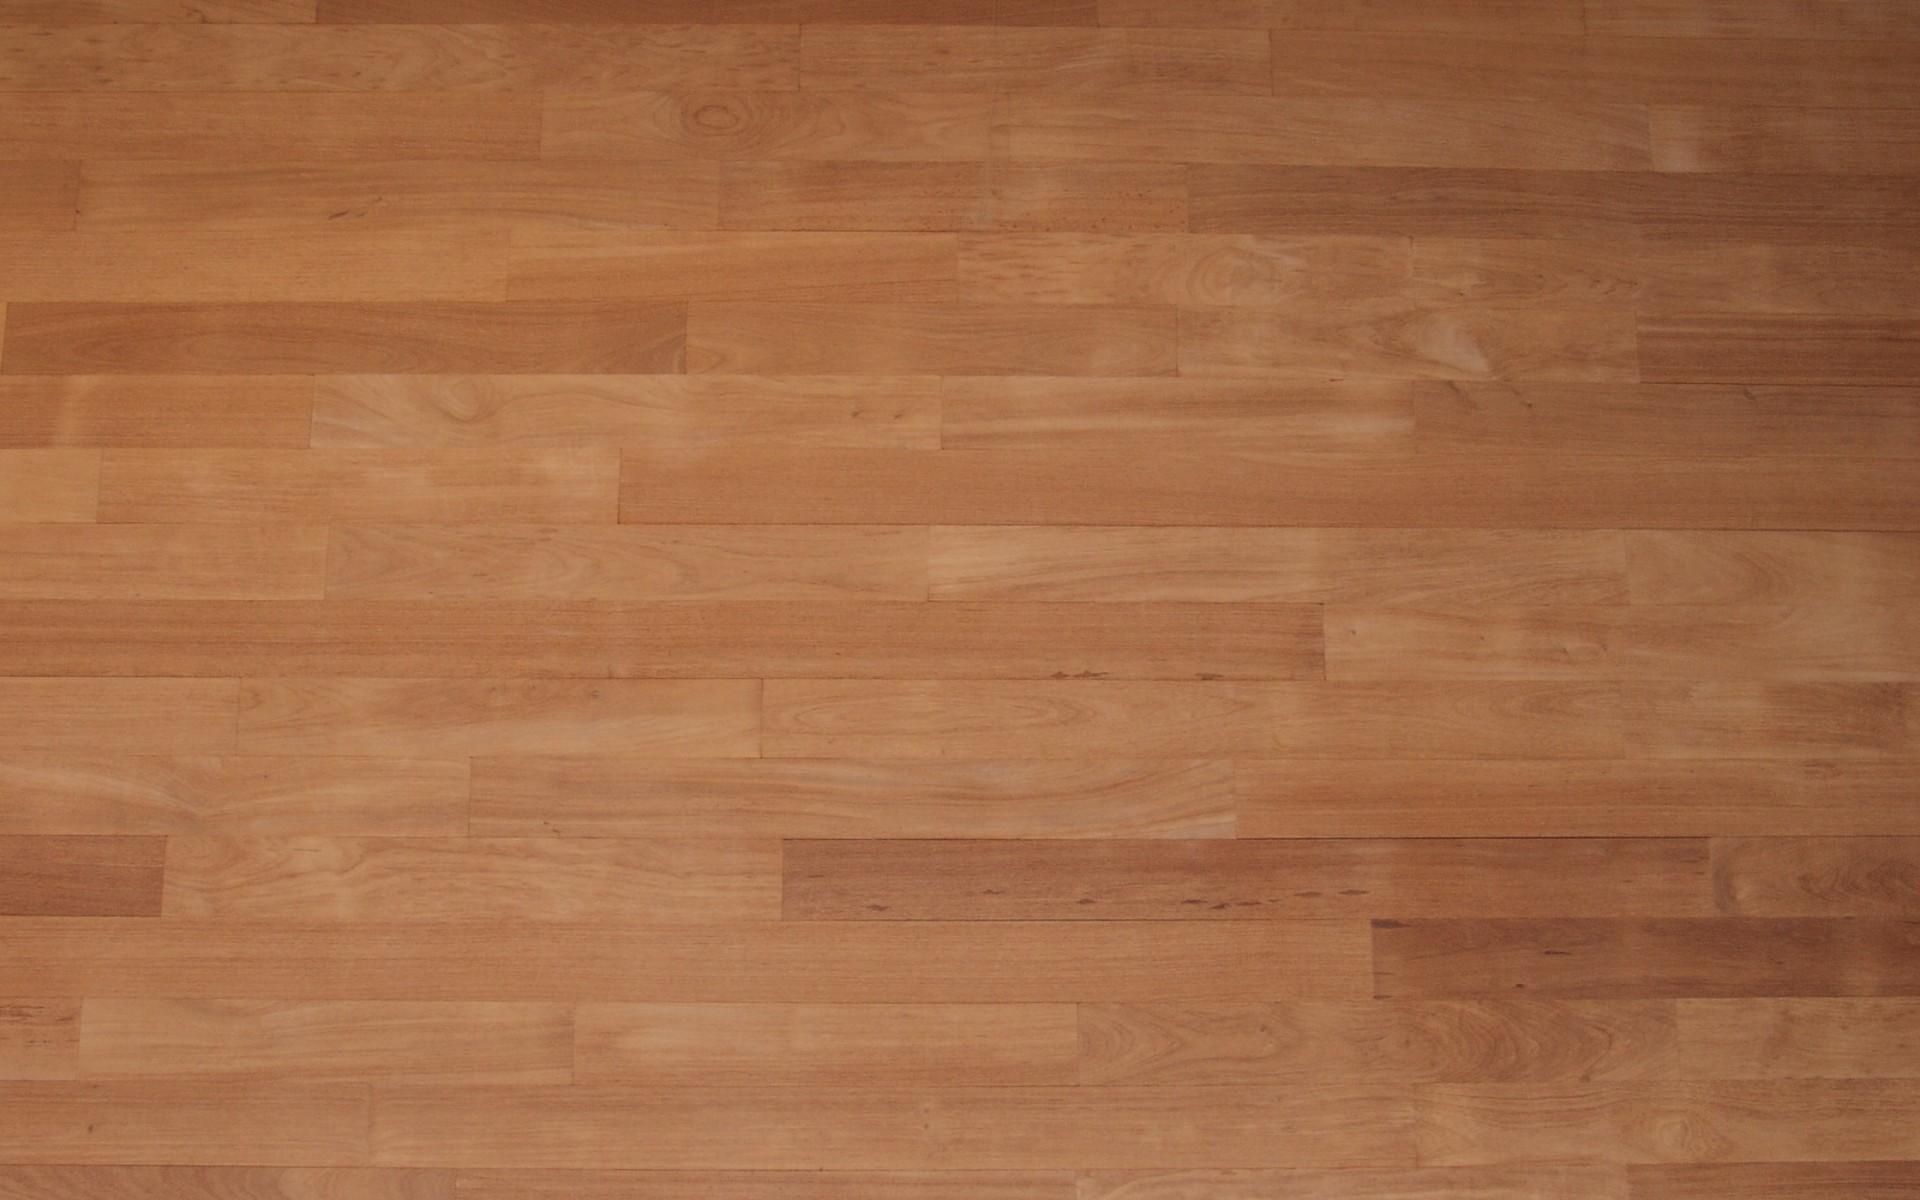 … Wood Floor Texture And Floor Wood Wood Panels Wood Texture Wood Floor X  Wallpaper …